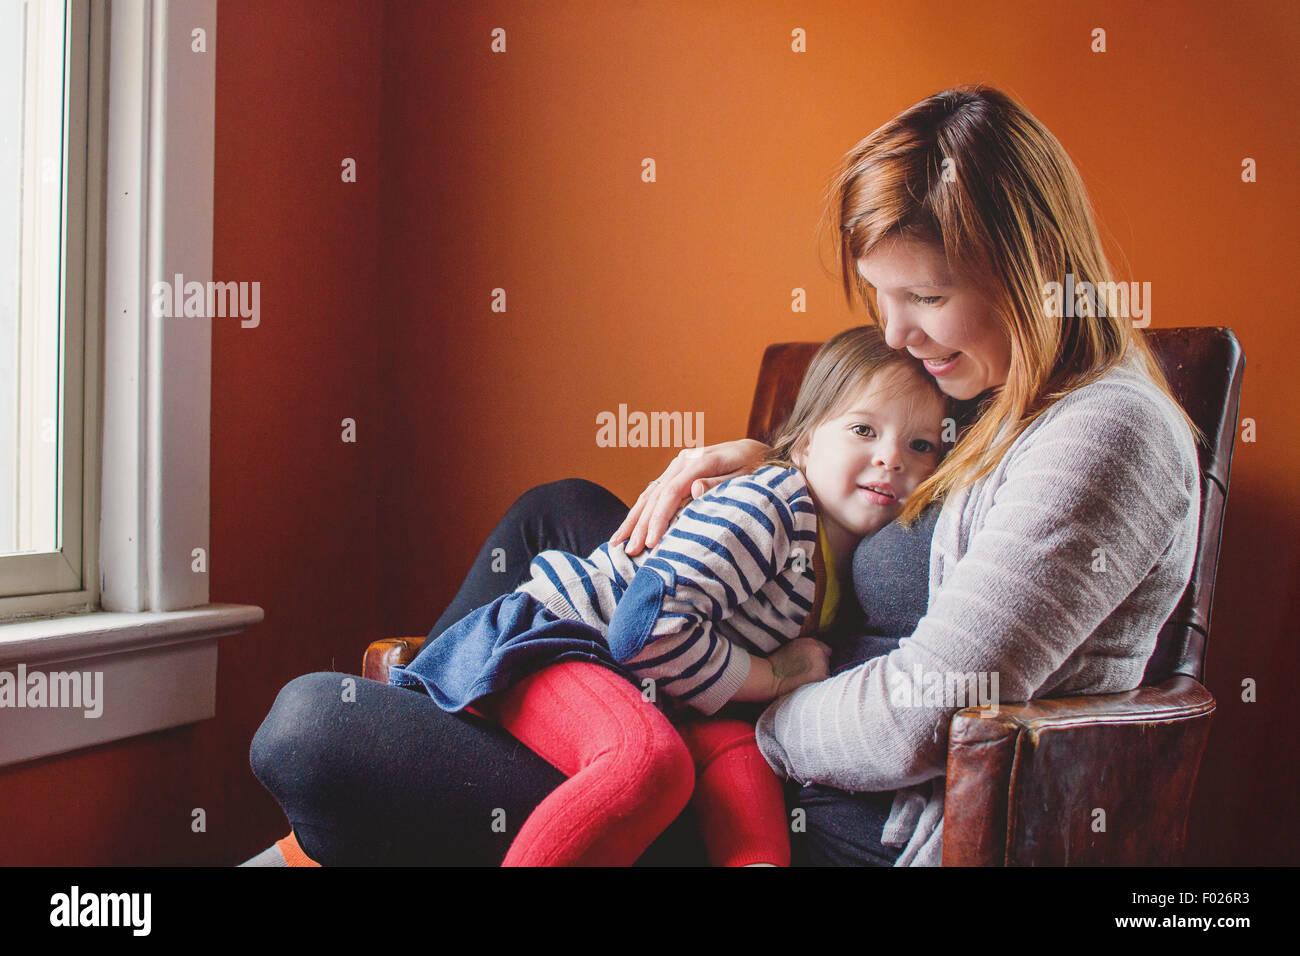 Mutter und Tochter zusammen in einem Sessel sitzend Stockbild